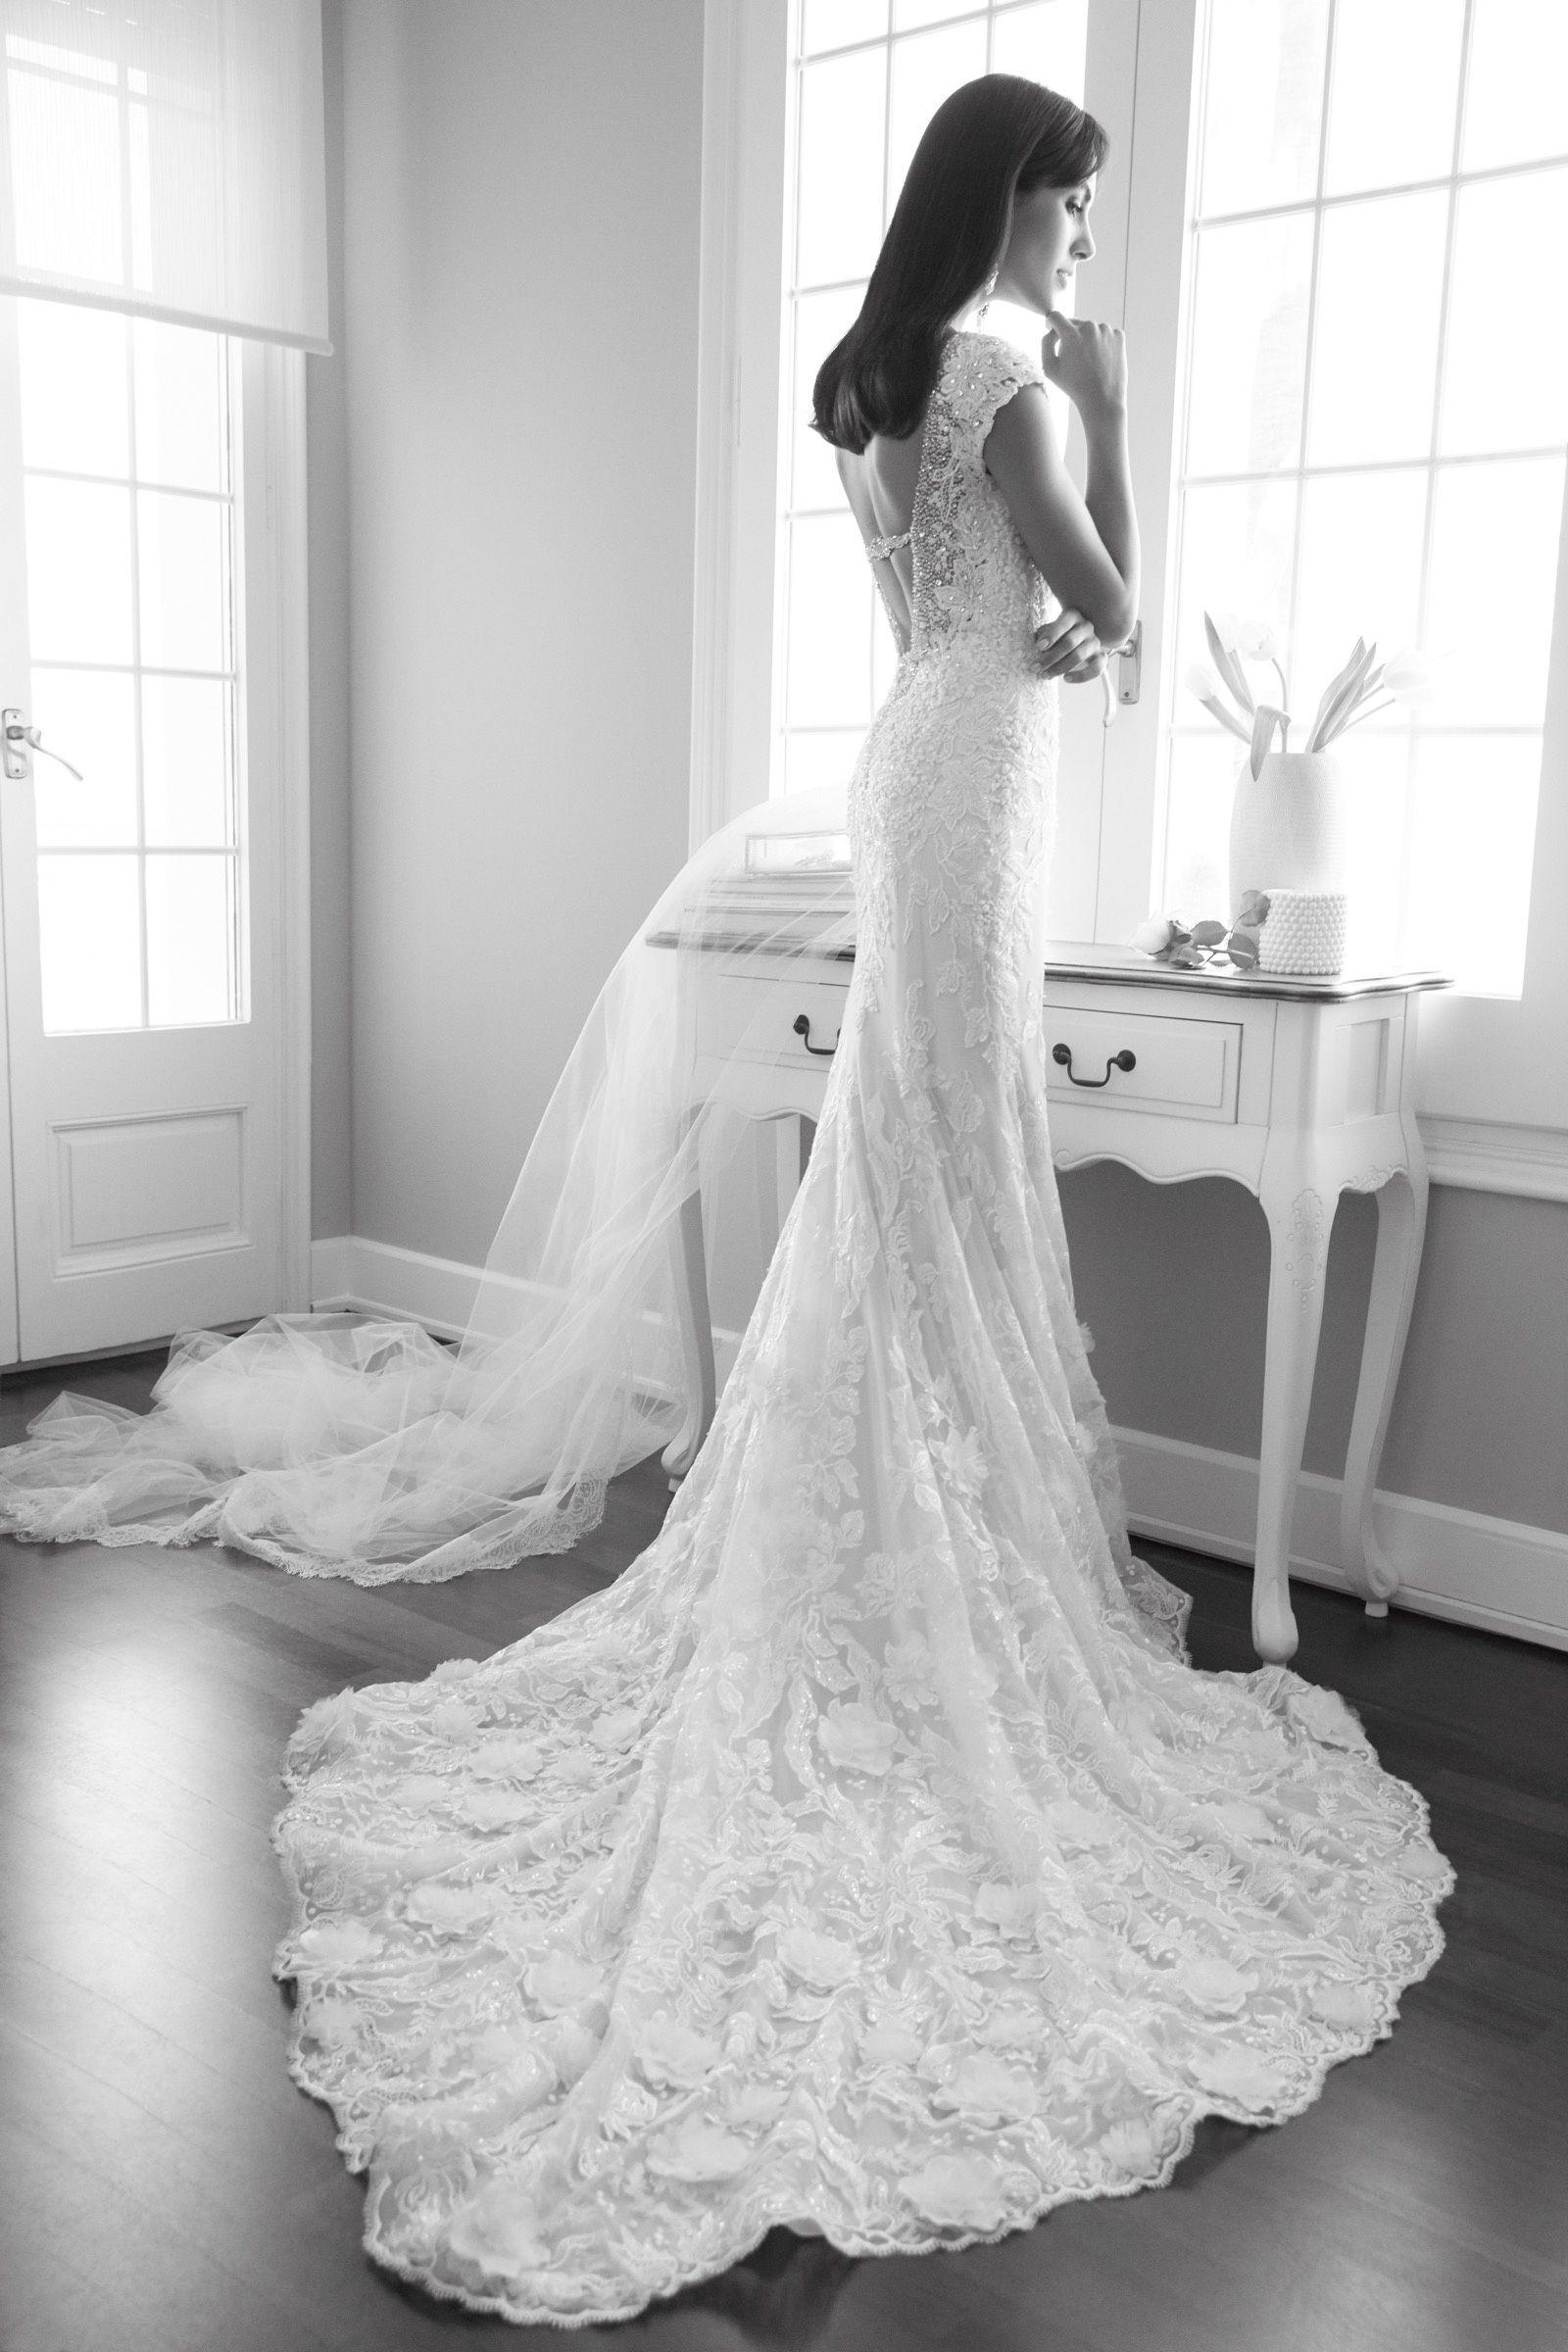 Moda sposa collezione alessandrarinaudo lucilla arab